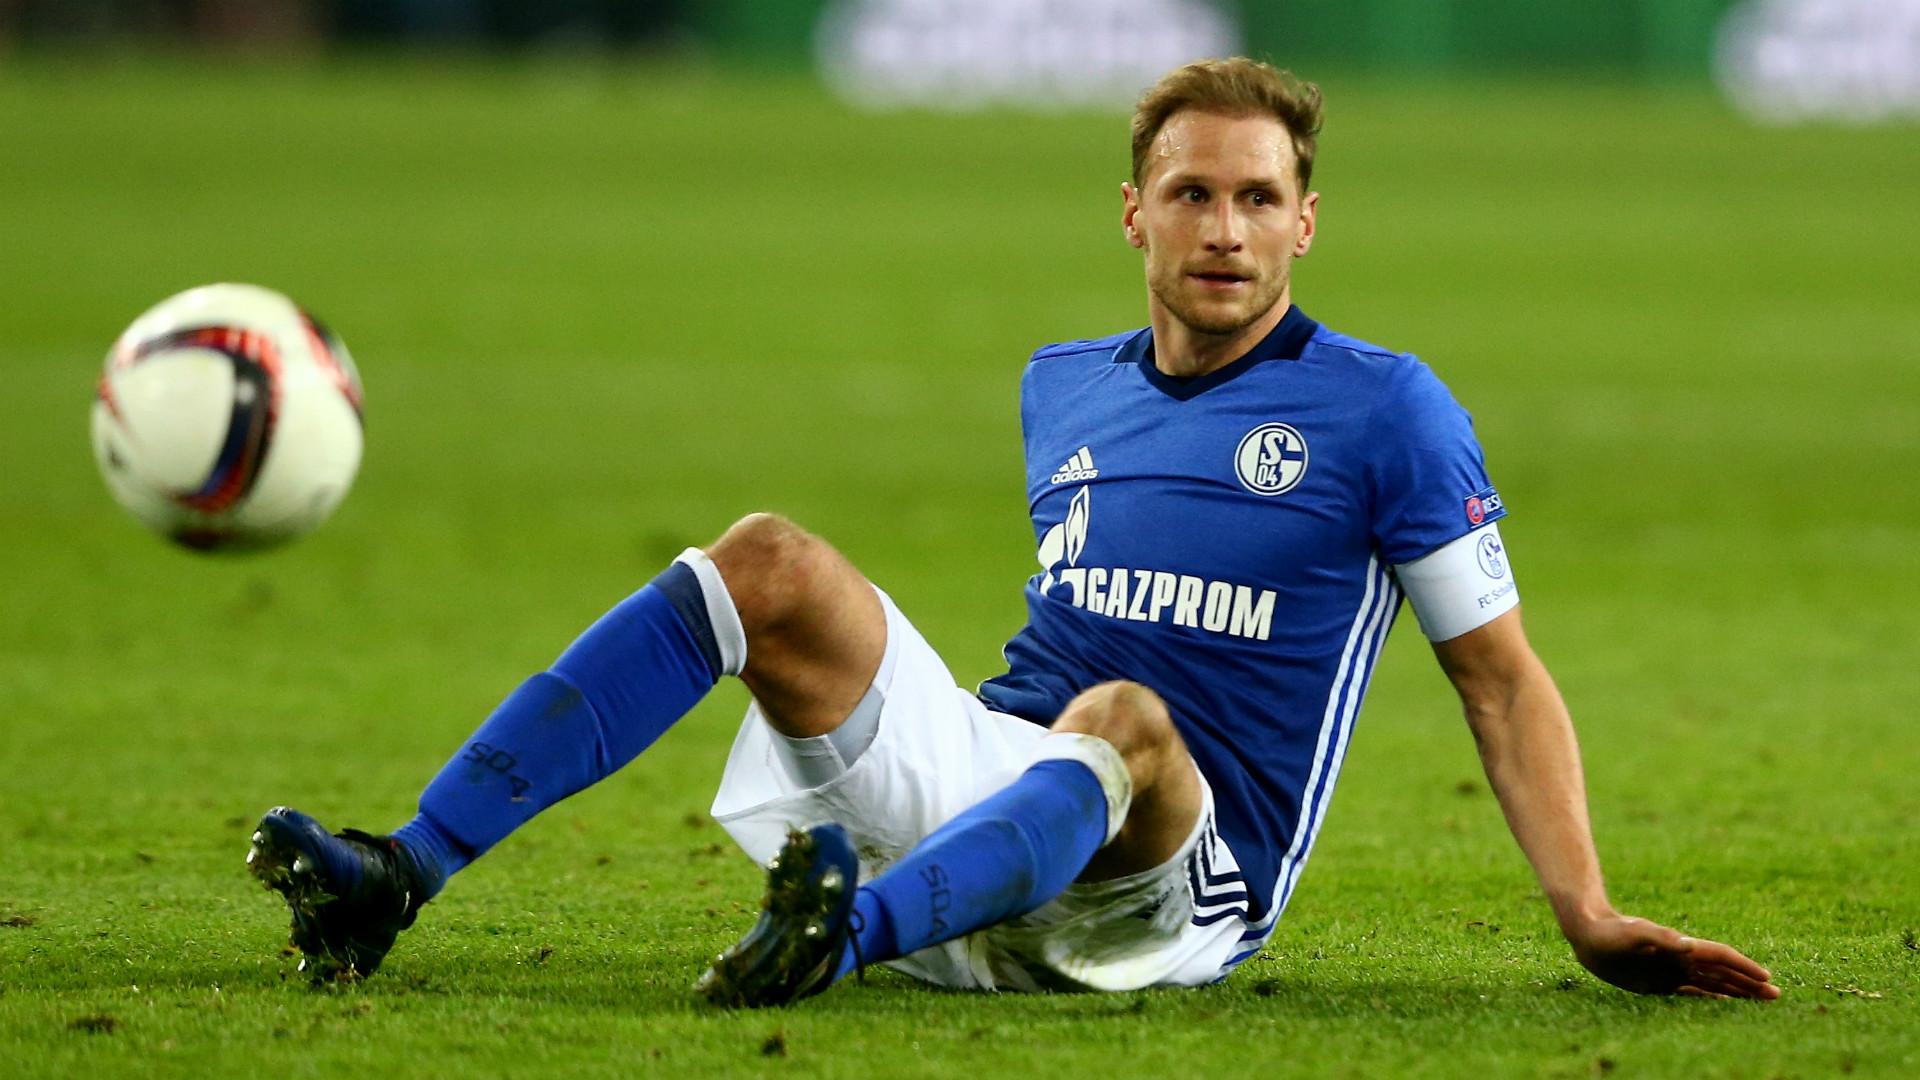 Schalker Ex-Kapitän Höwedes will höchstens ins Ausland wechseln